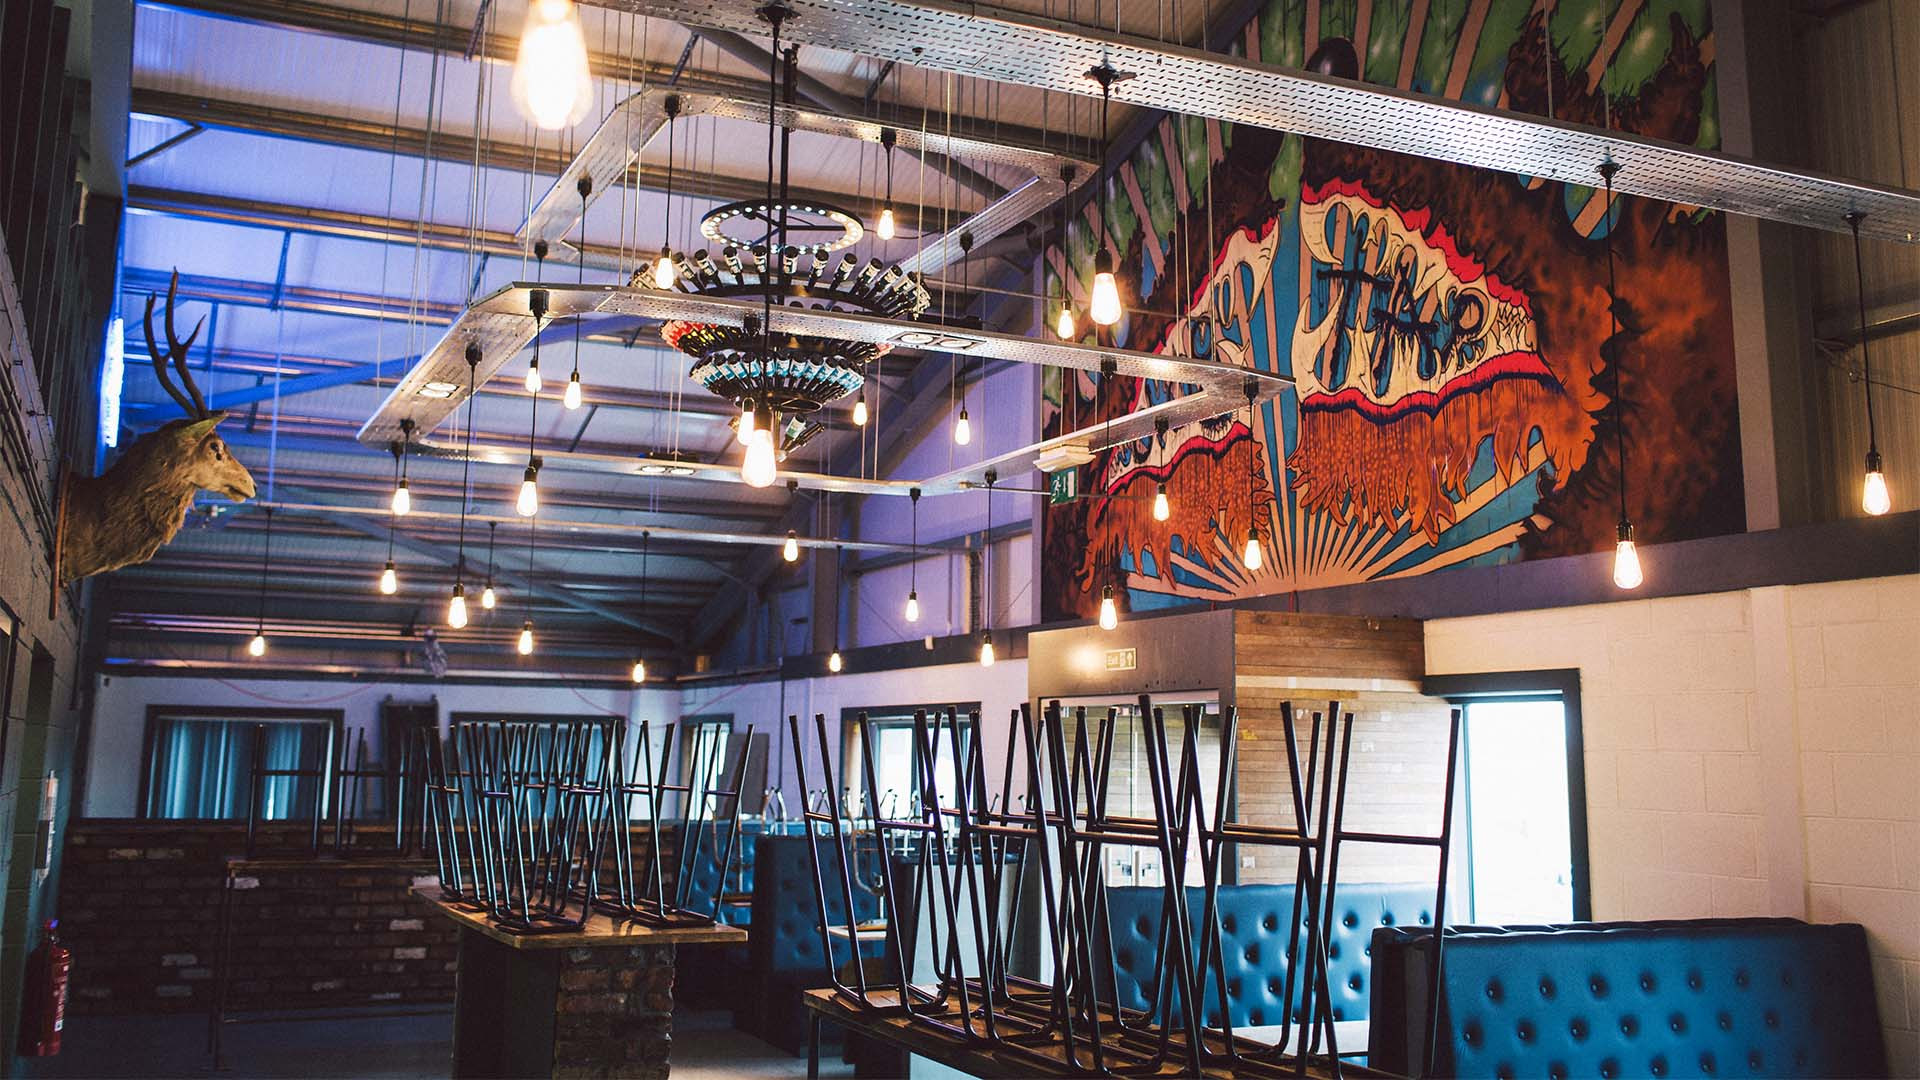 BrewDog Brew Bar, Aberdeenshire, Scotland